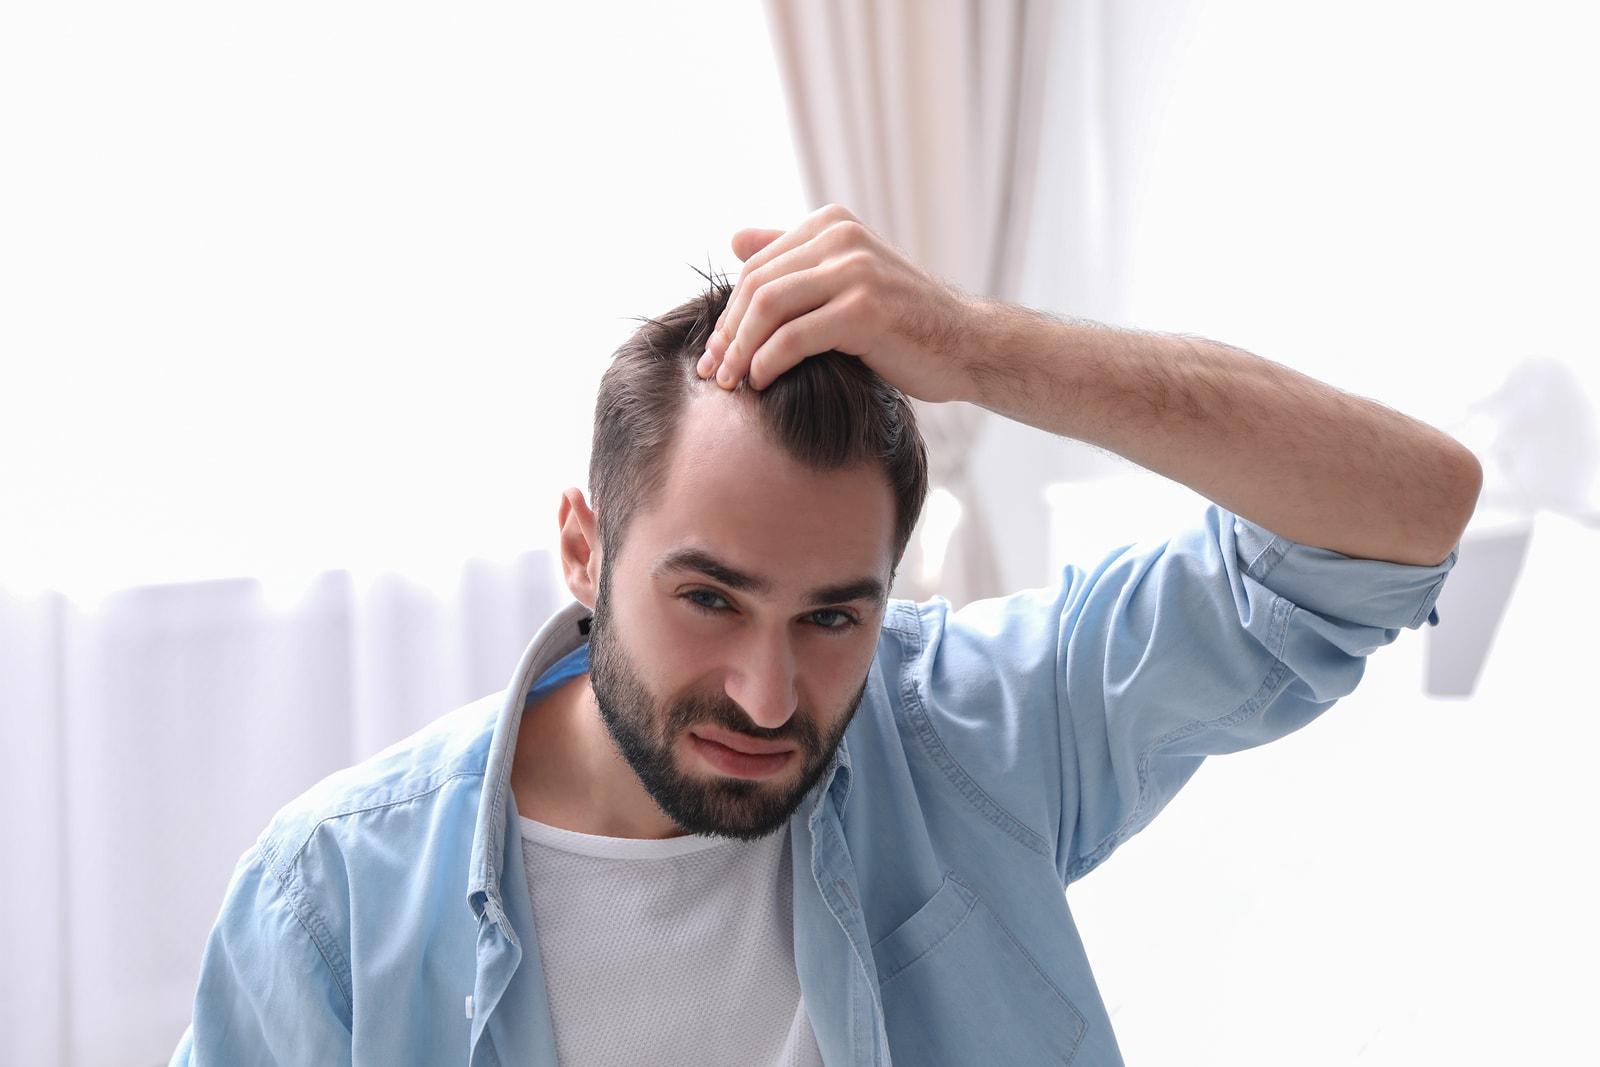 Quando usar cabelo sintético para um transplante capilar - cabelo masculino com entradads